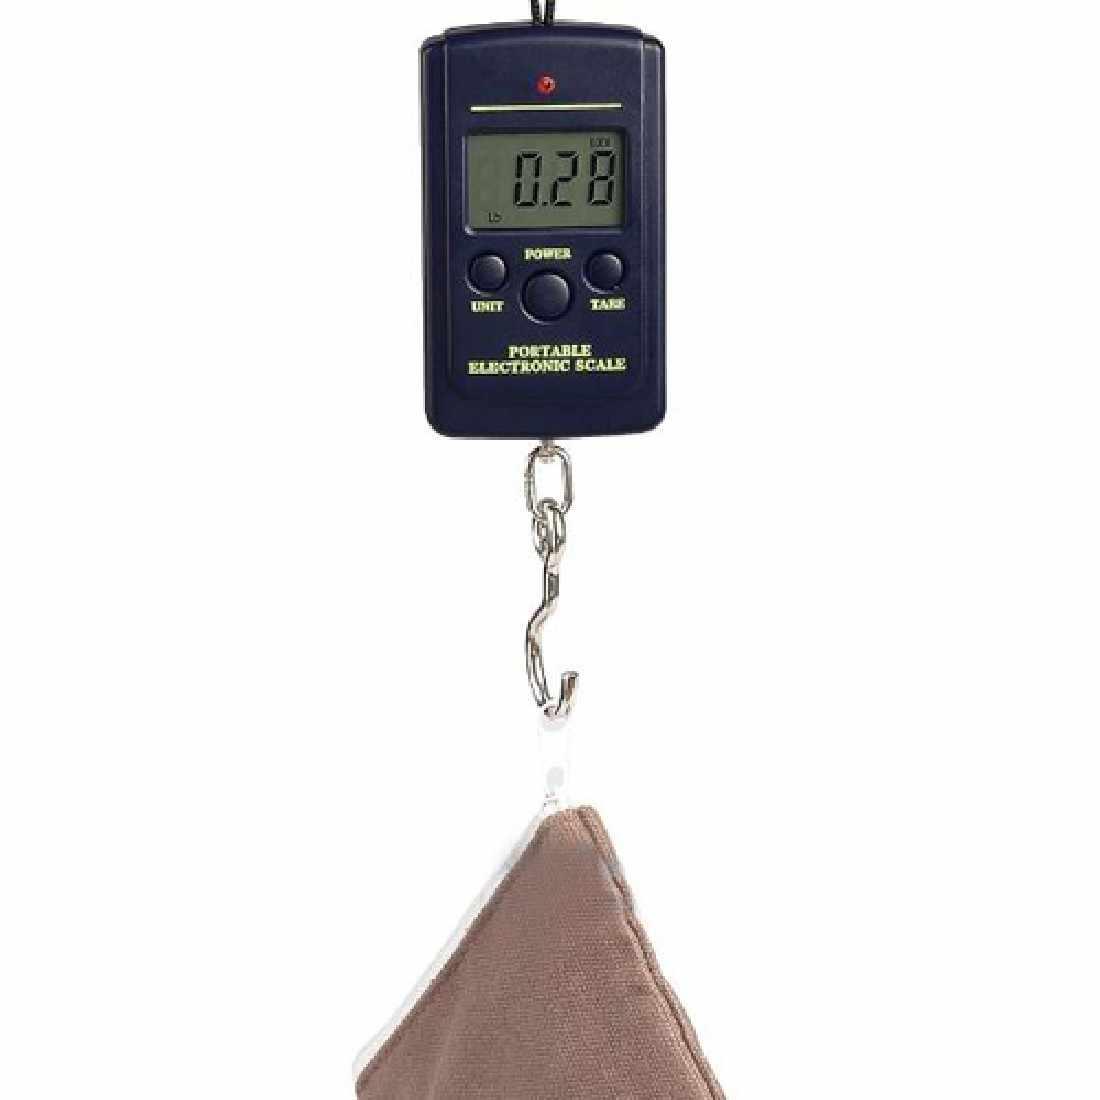 Горячая Многофункциональный Портативный Мини 40 кг/10 г Электронный подвесной рыболовный Чемодан Balanca цифровой удобный карманные весы с крючком